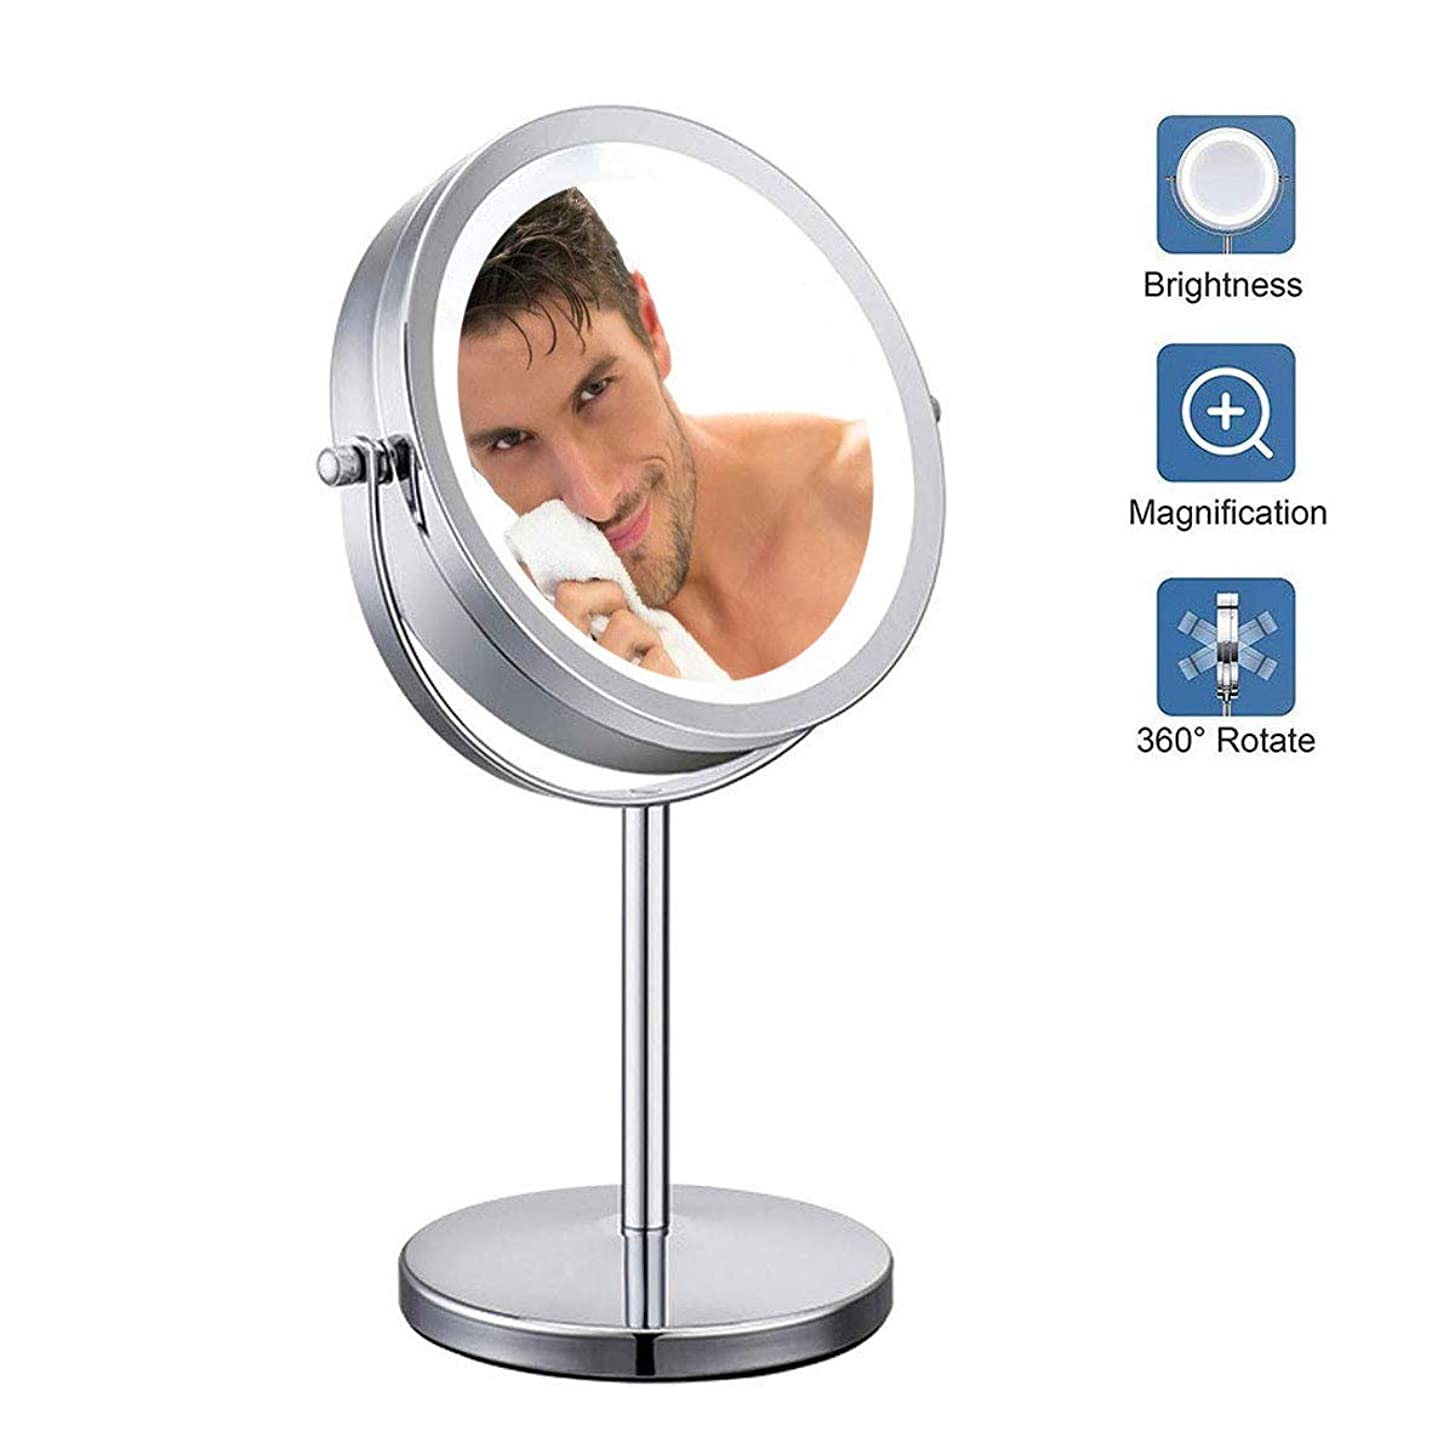 損なうトライアスロン暗くする7インチ照明付き化粧鏡、10X拡大鏡、LEDライト付き、電池式化粧鏡、シェービングバスルームミラー